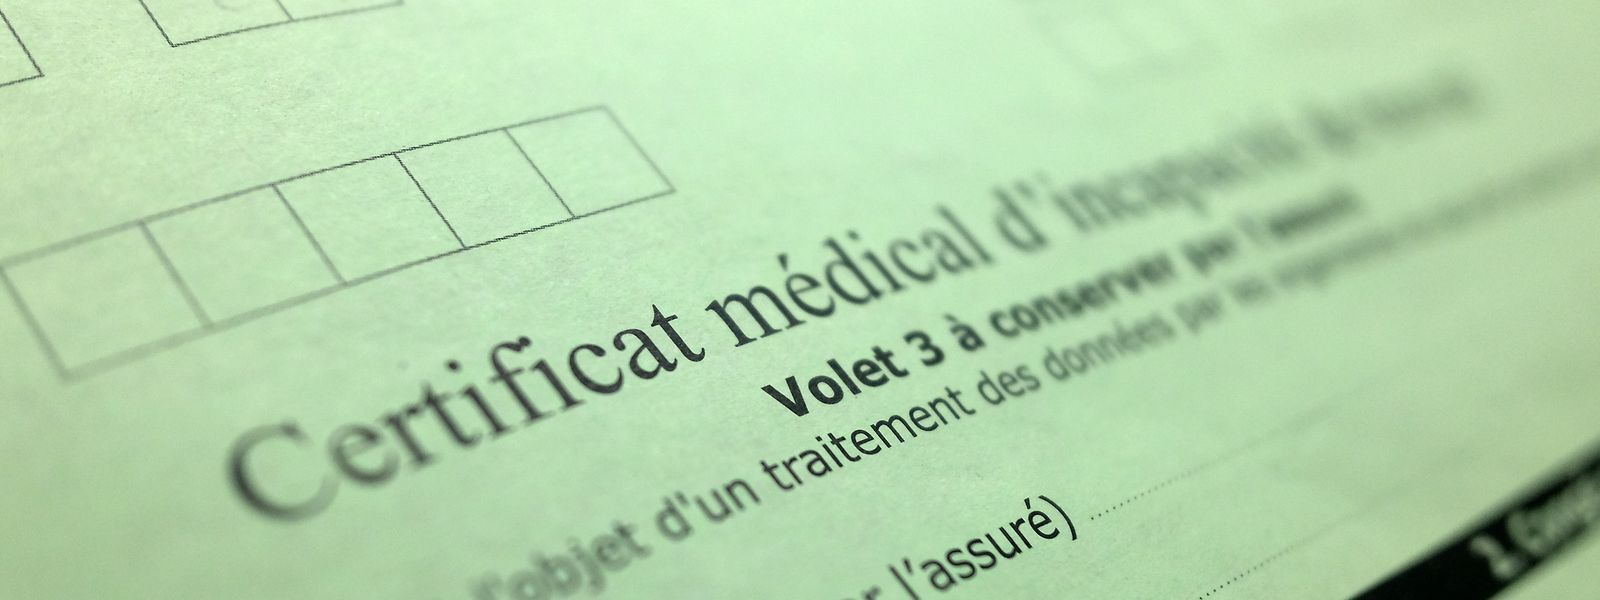 Les certificats de maladie ne sont pas forcément plus nombreux mais couvrent des périodes plus longues